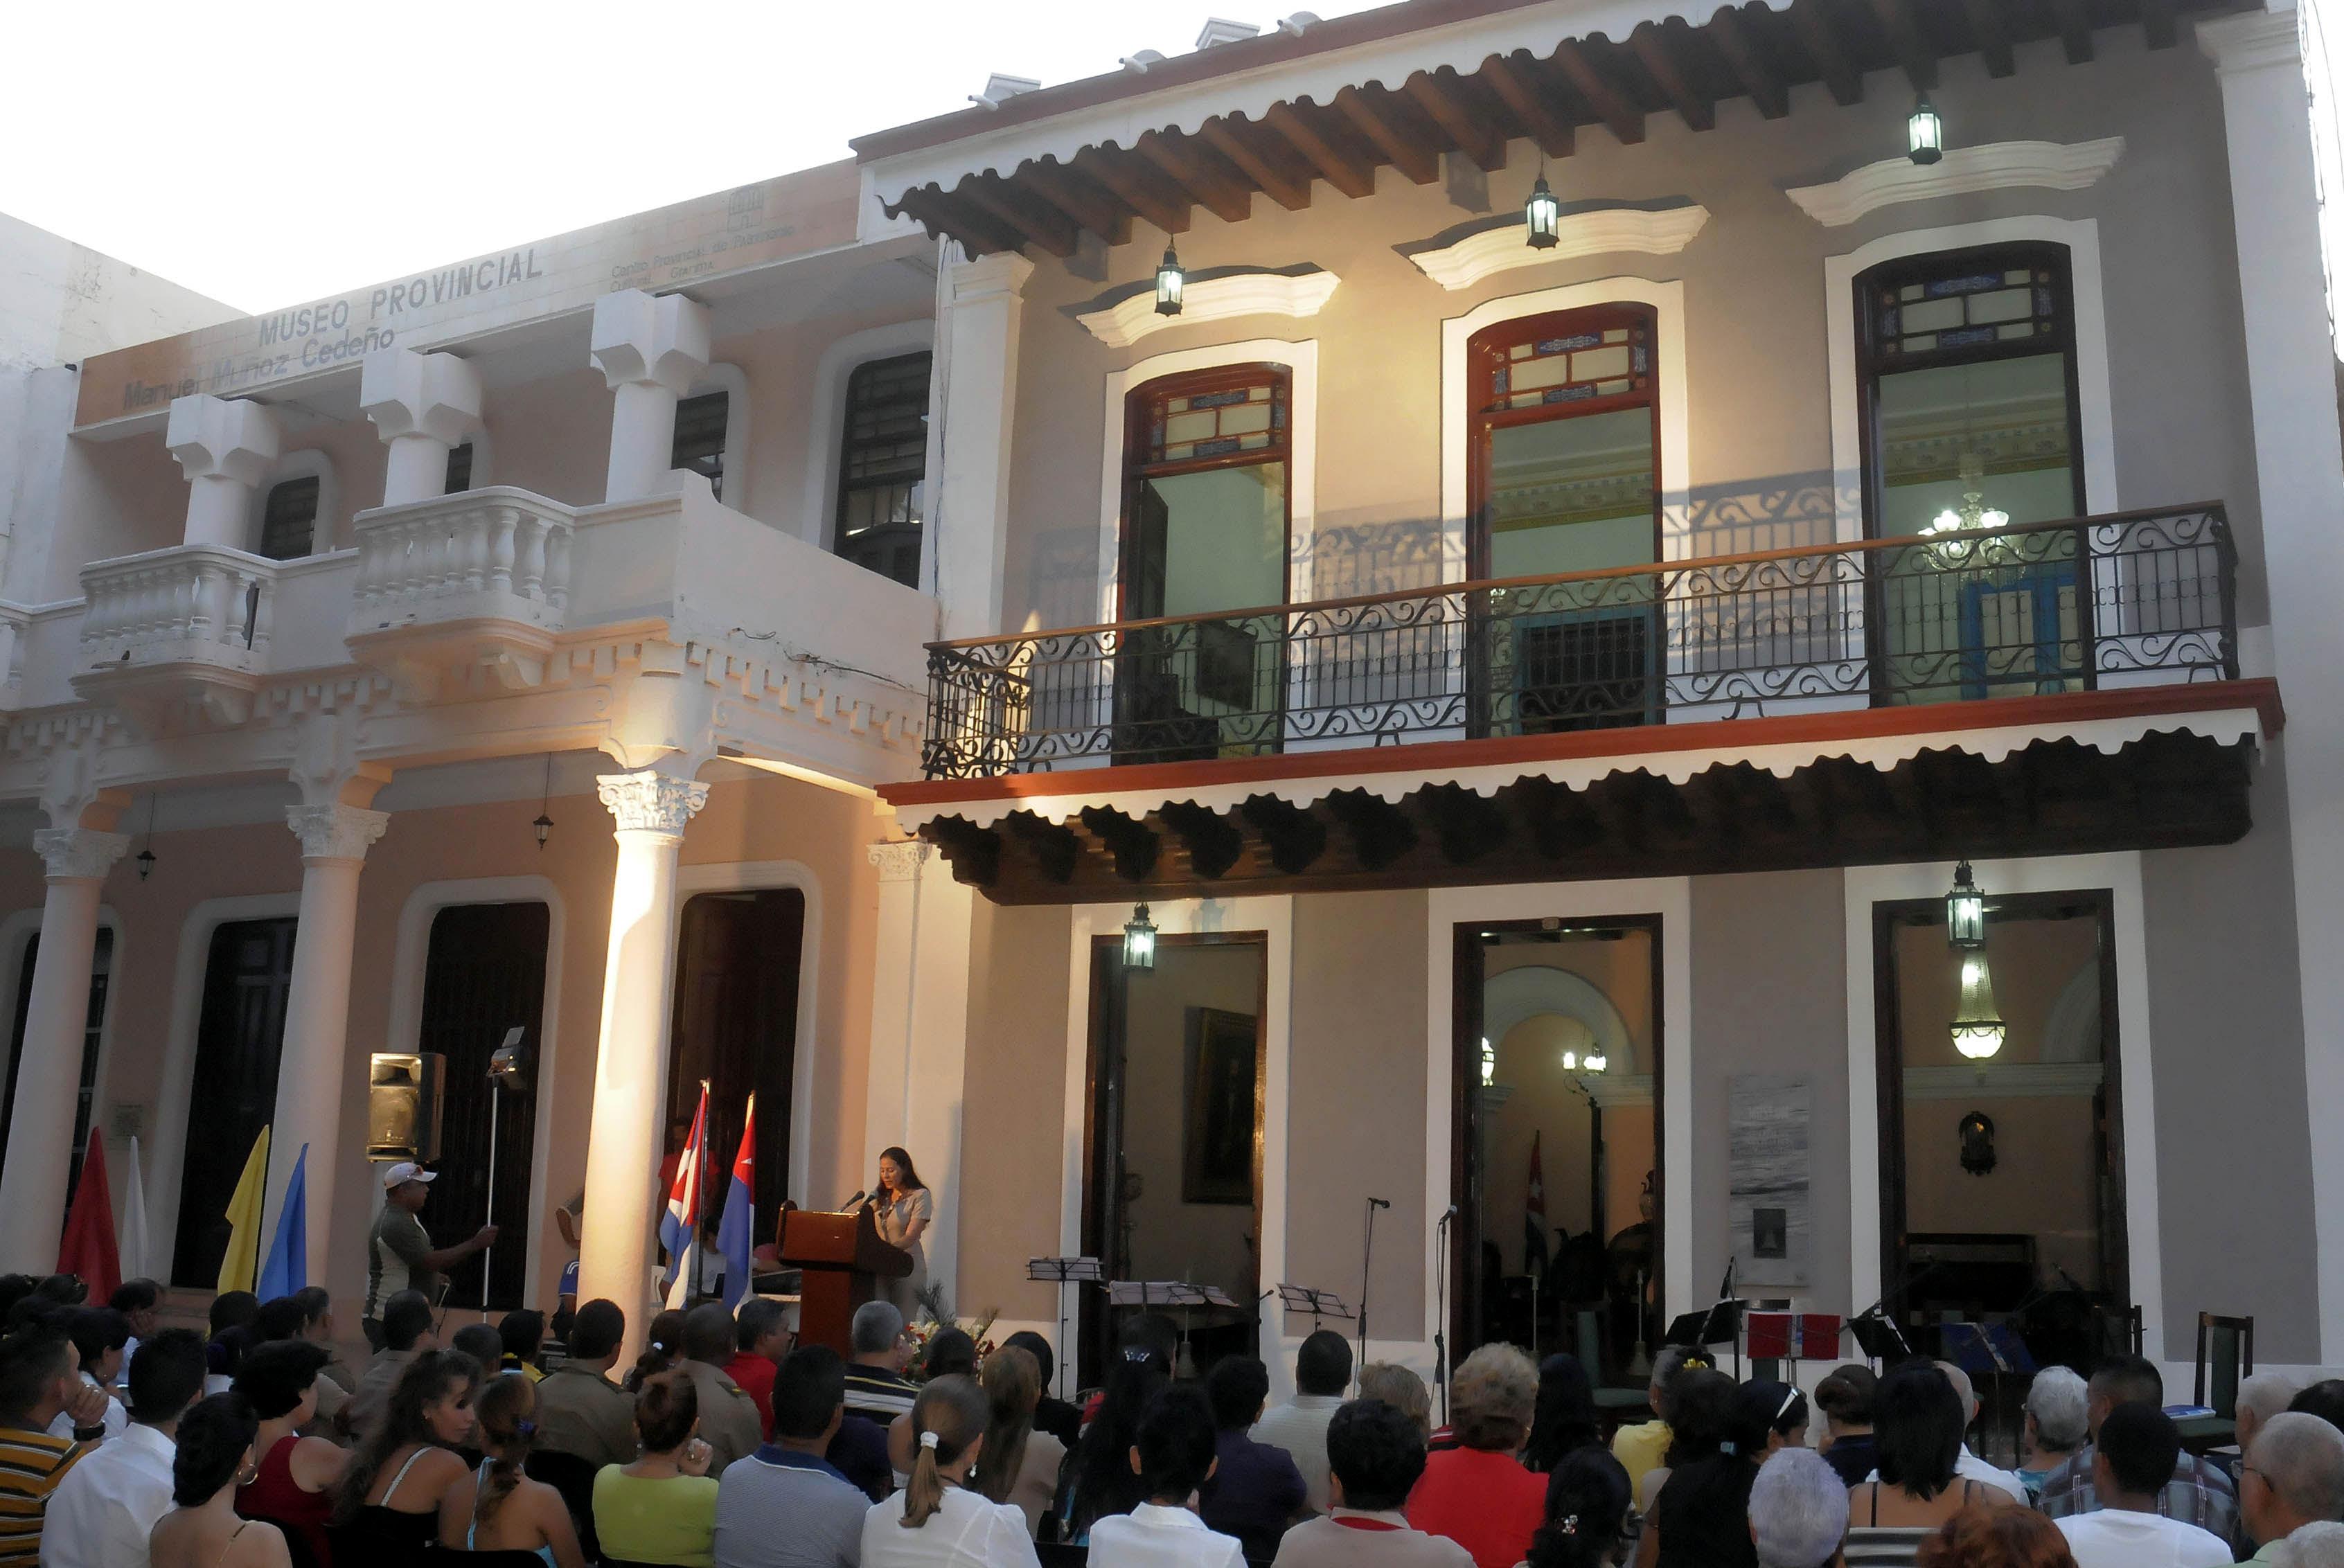 Celebrarán congreso provincial de historia